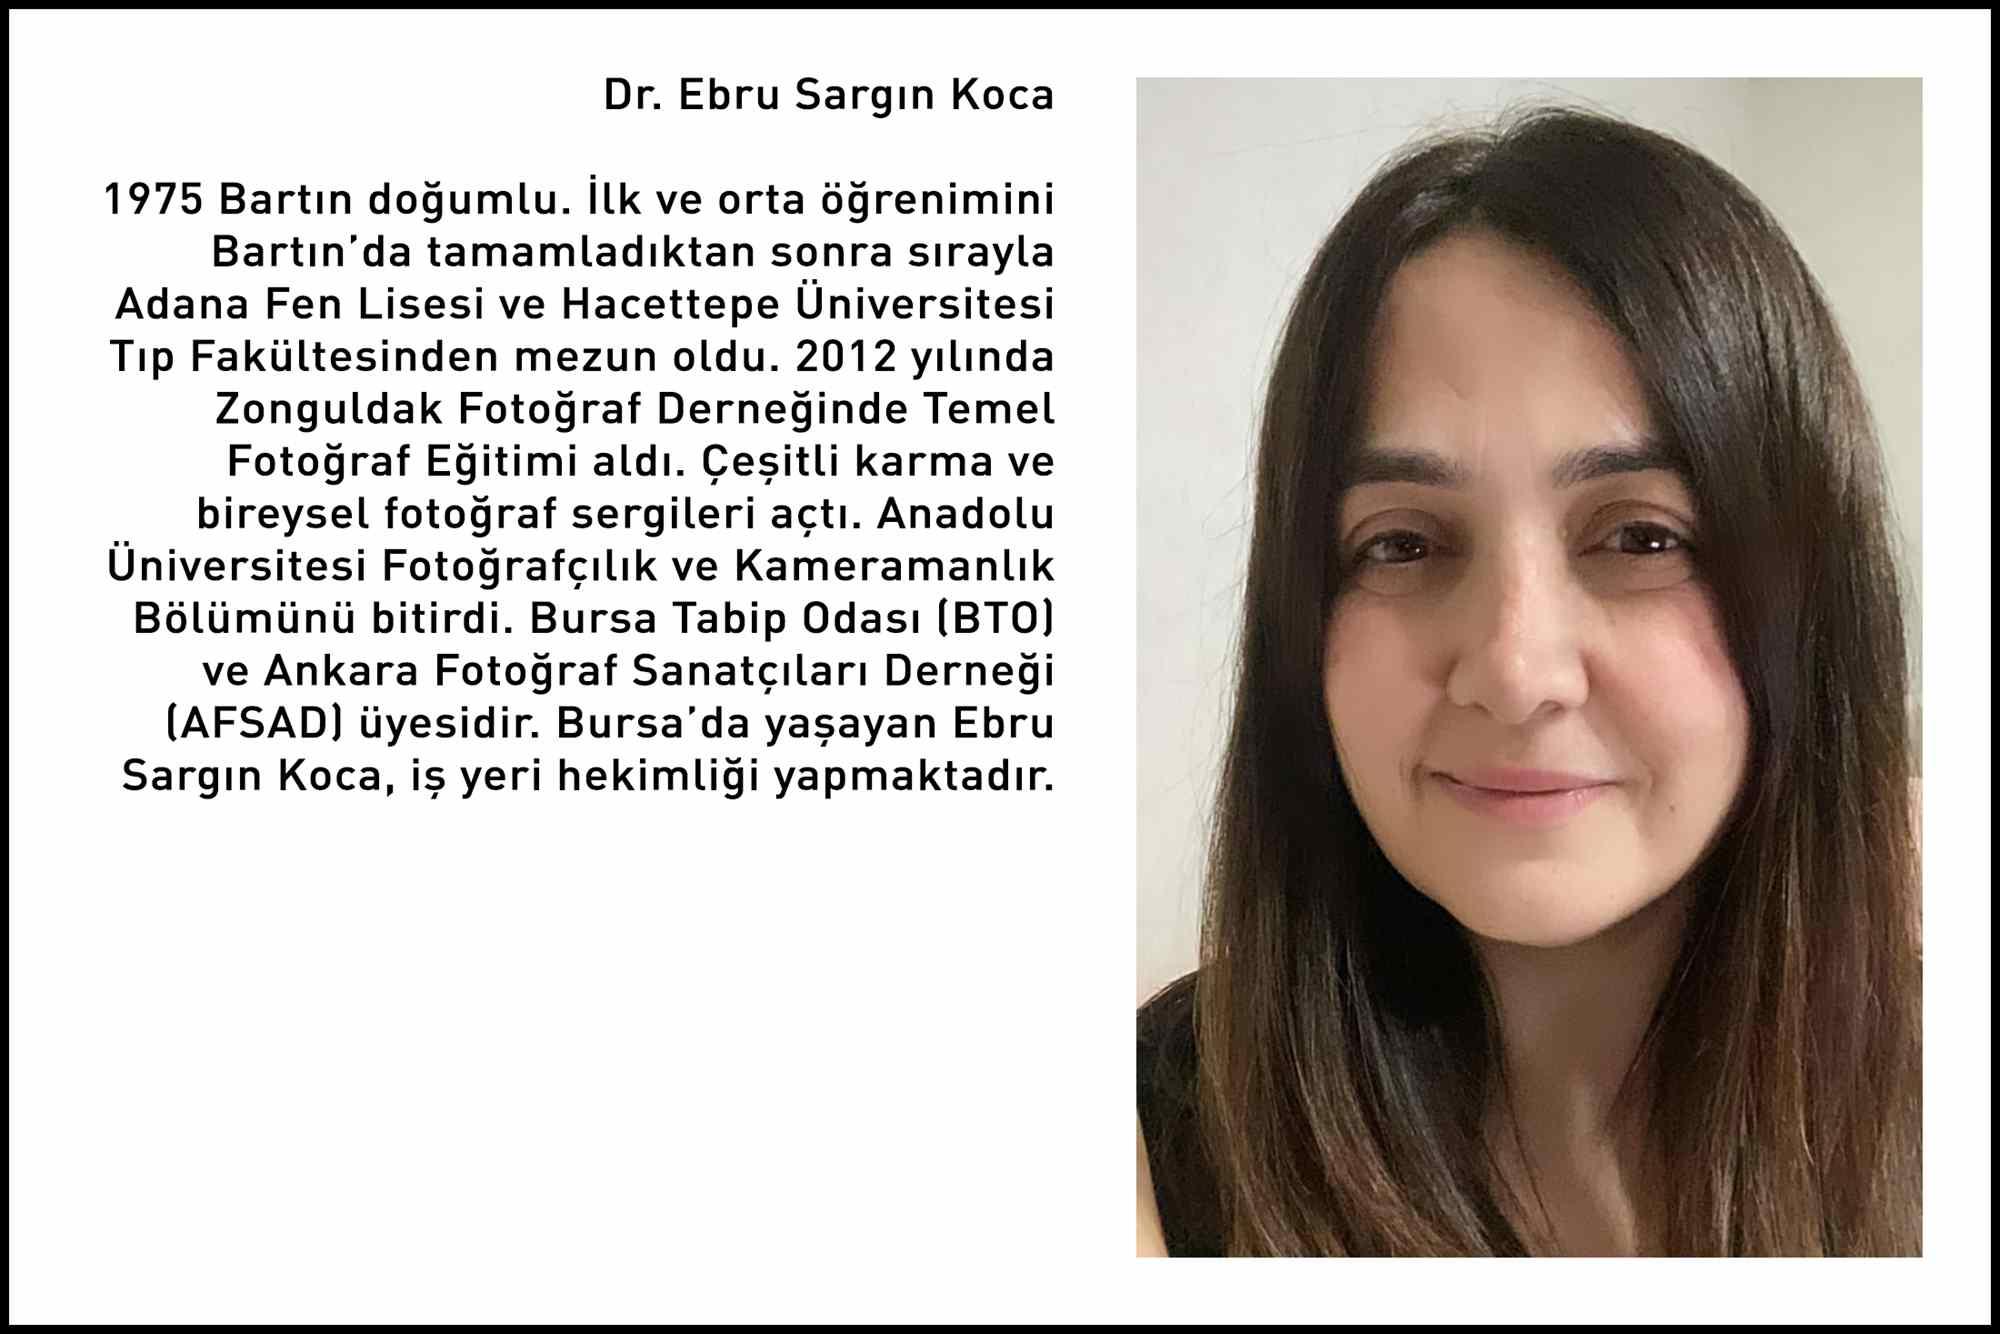 14_ebru_sargin_koca_ozgecmis